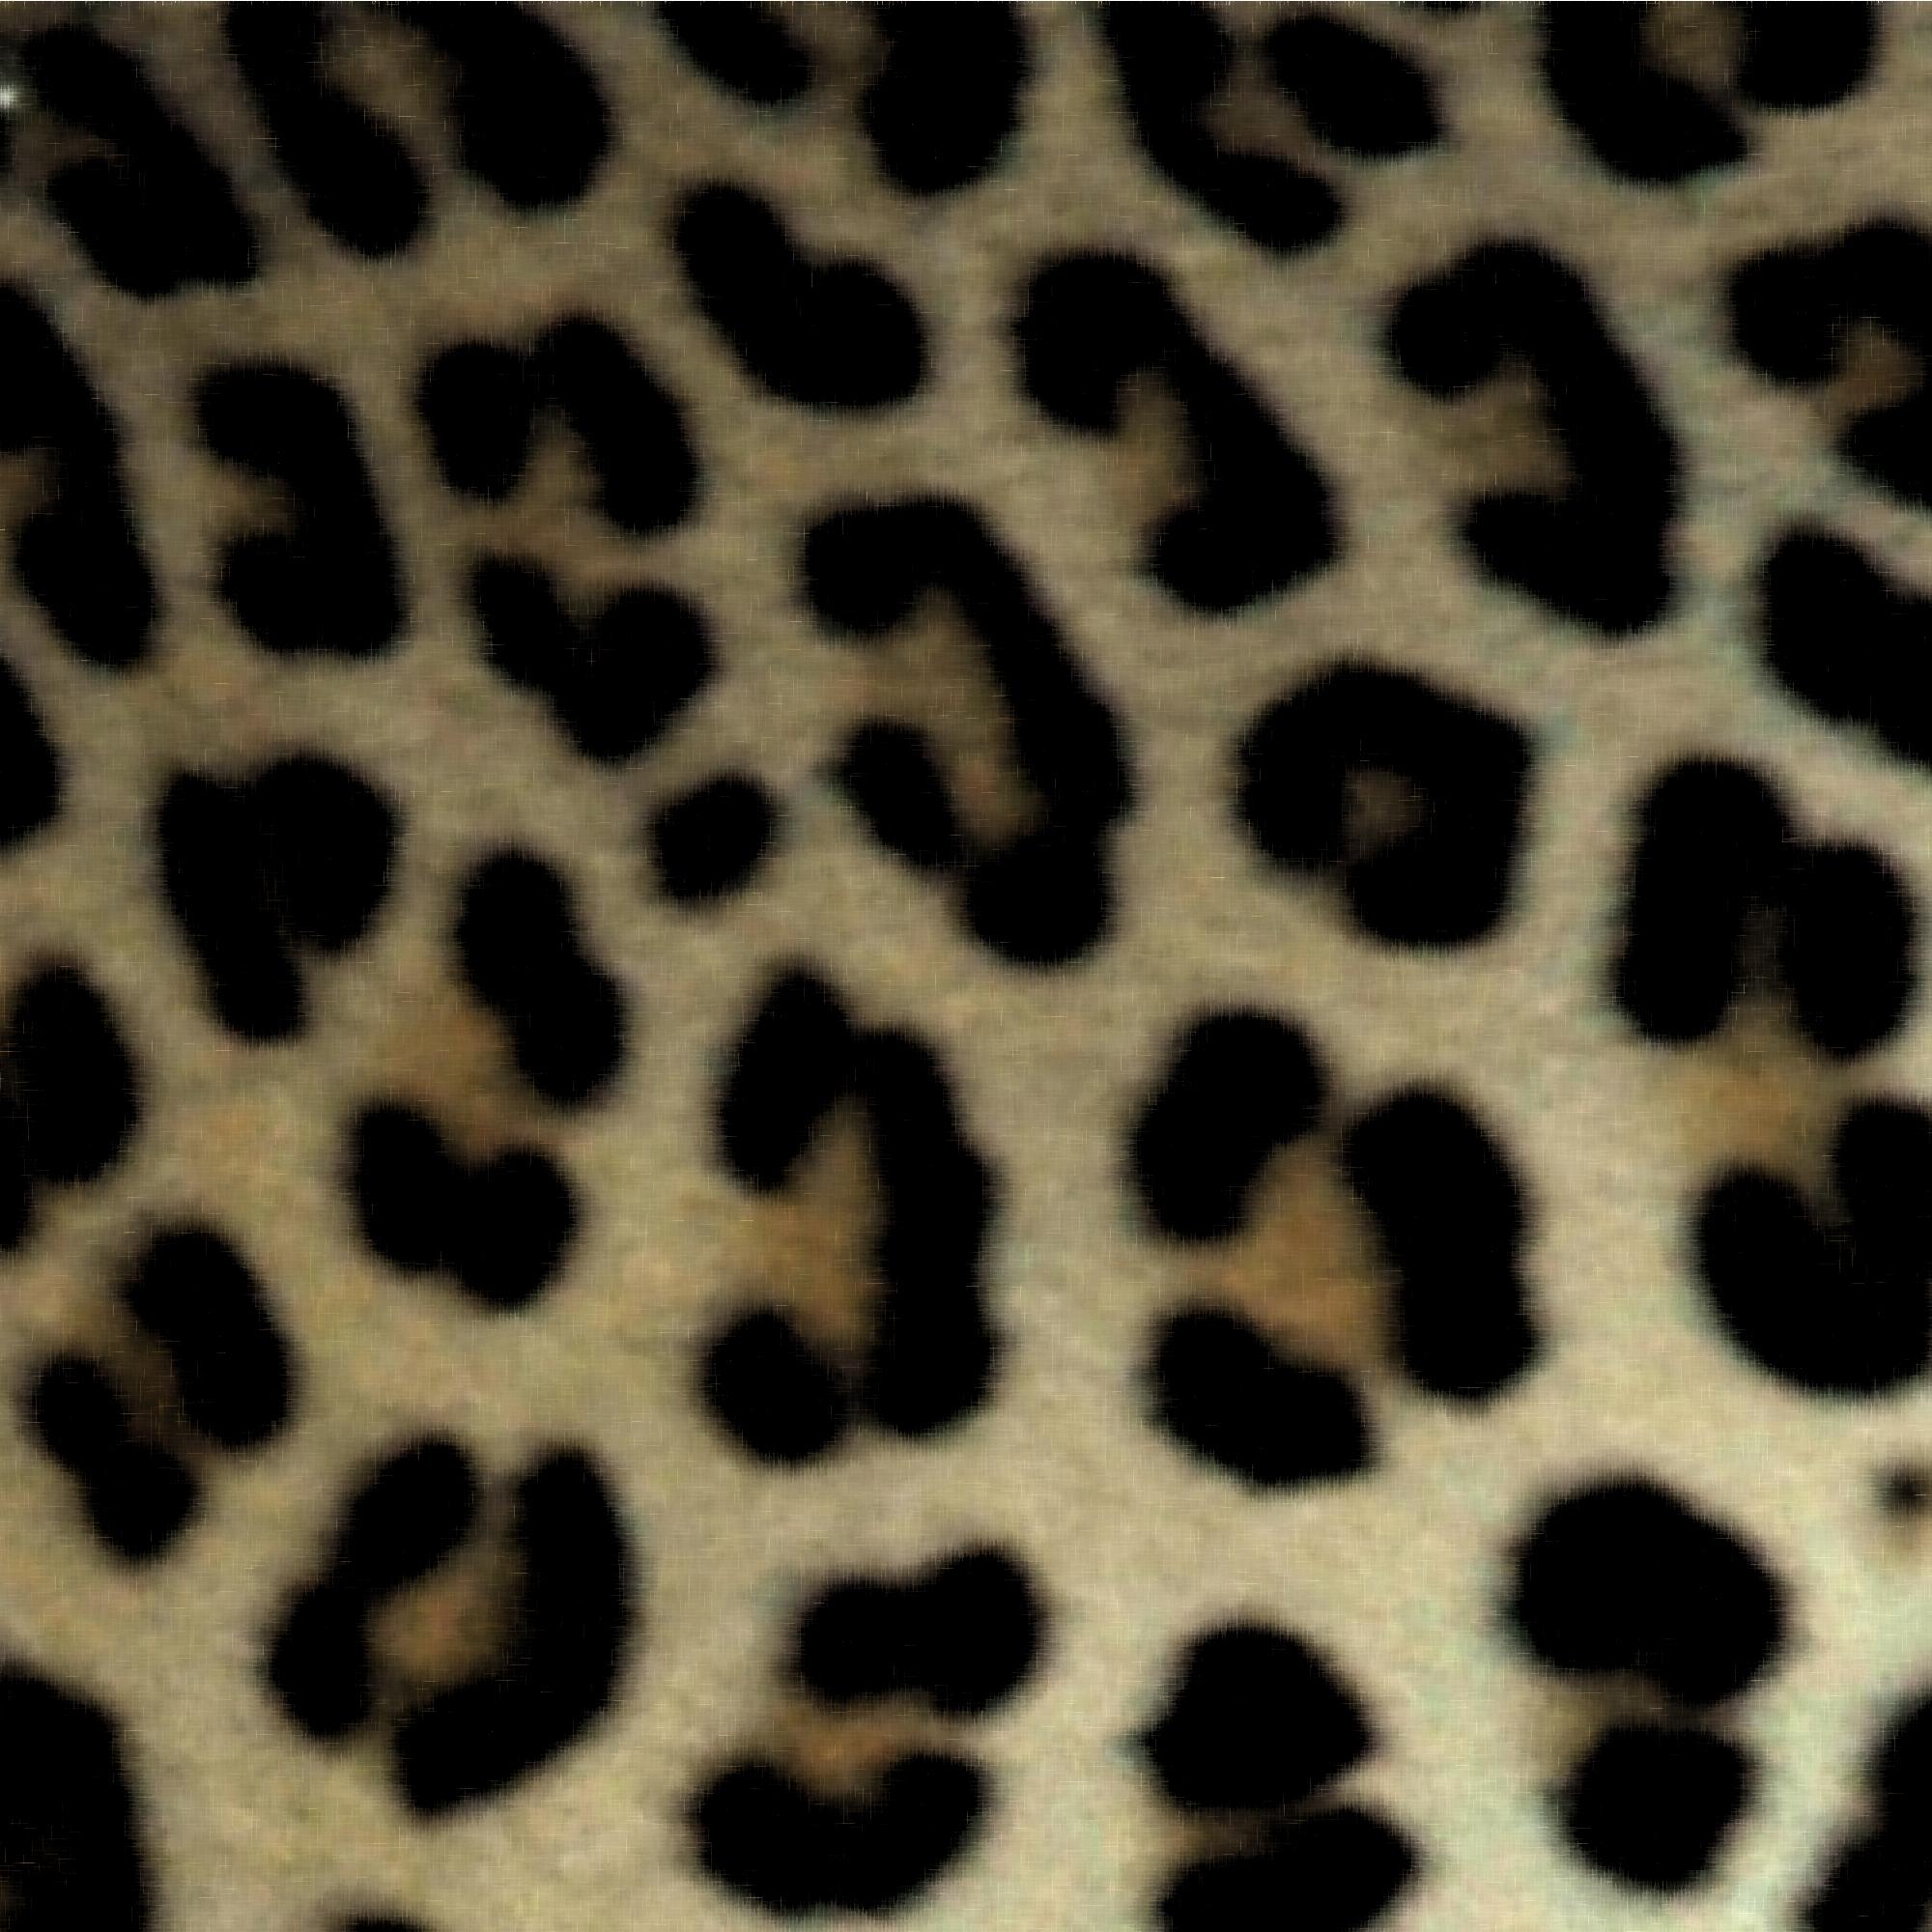 ヒョウの画像 p1_23